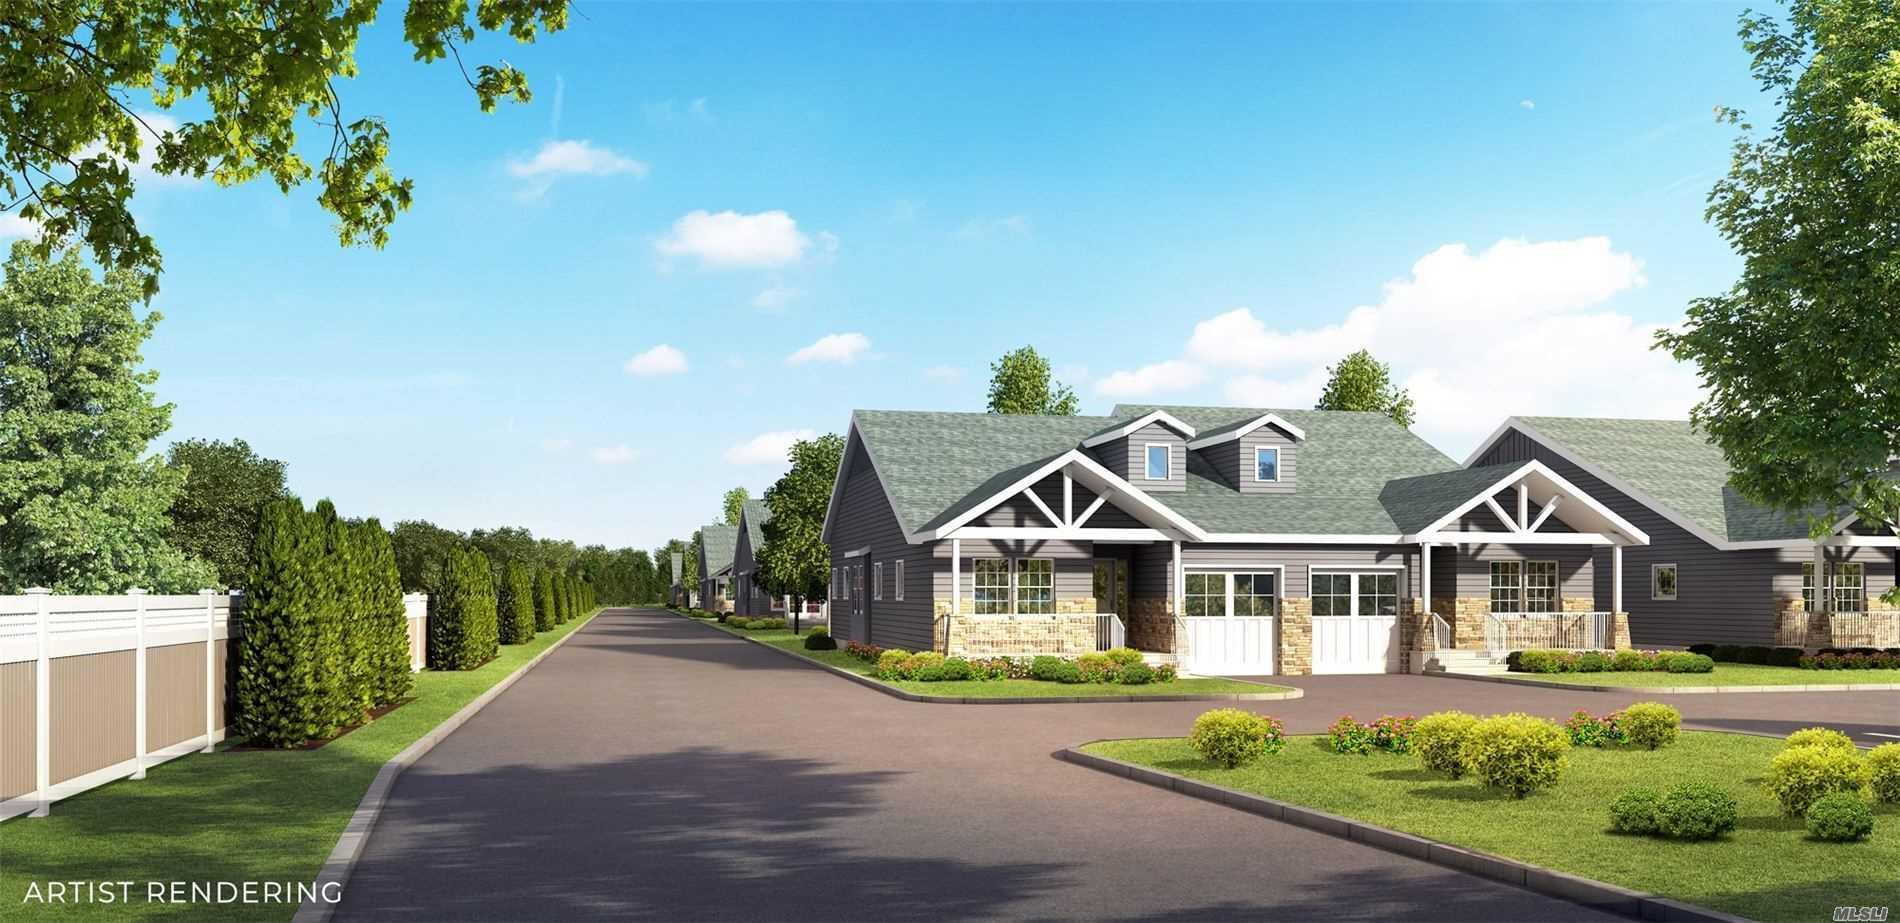 Property for sale at 1330 Smithtown Avenue # 2, Bohemia NY 11716, Bohemia,  New York 11716